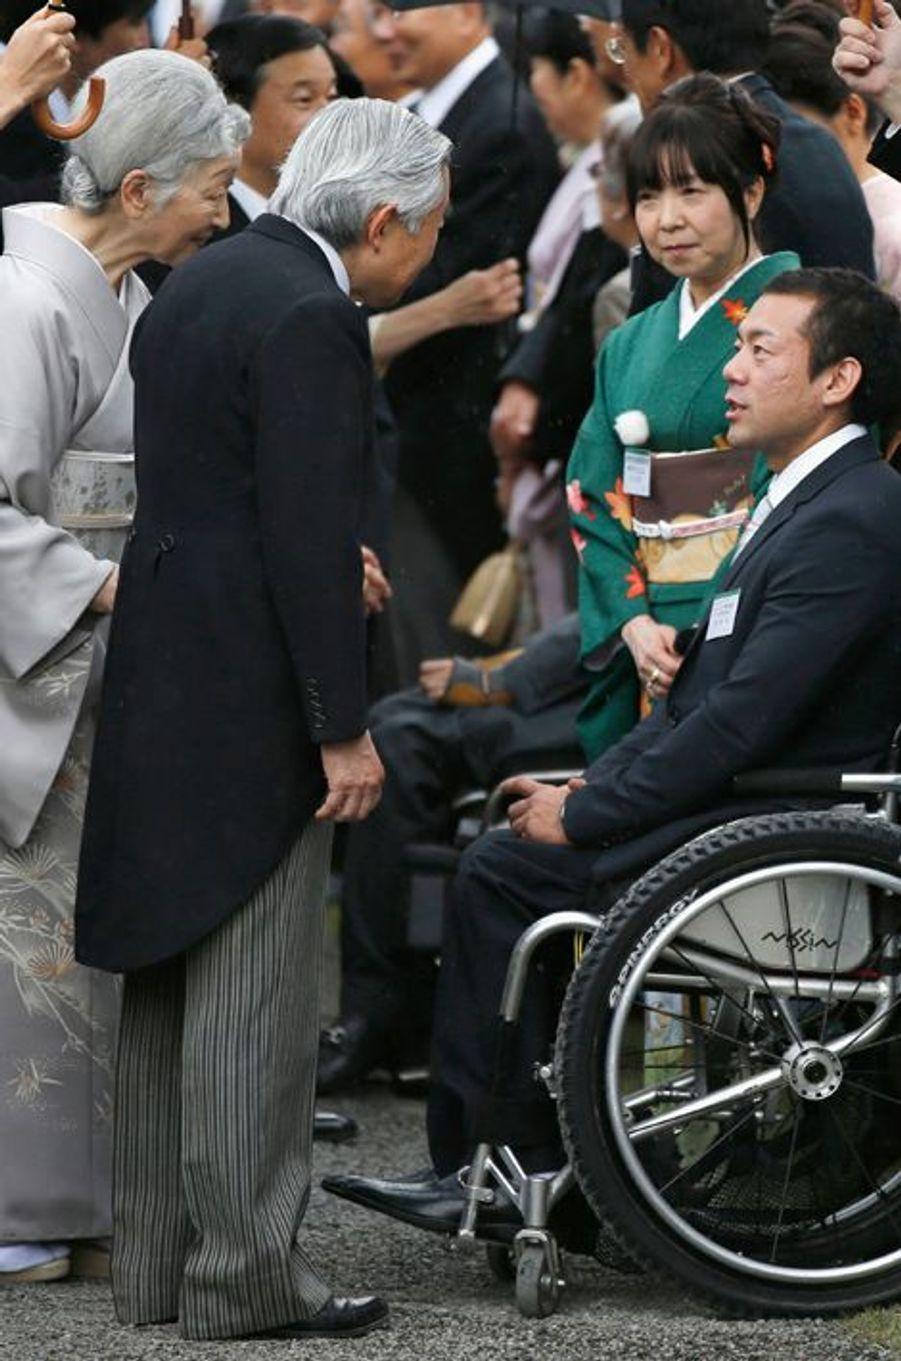 L'empereur Akihito du Japon et l'impératrice Michiko avec le champion paralympique Akira Kano, le 6 novembre 2014